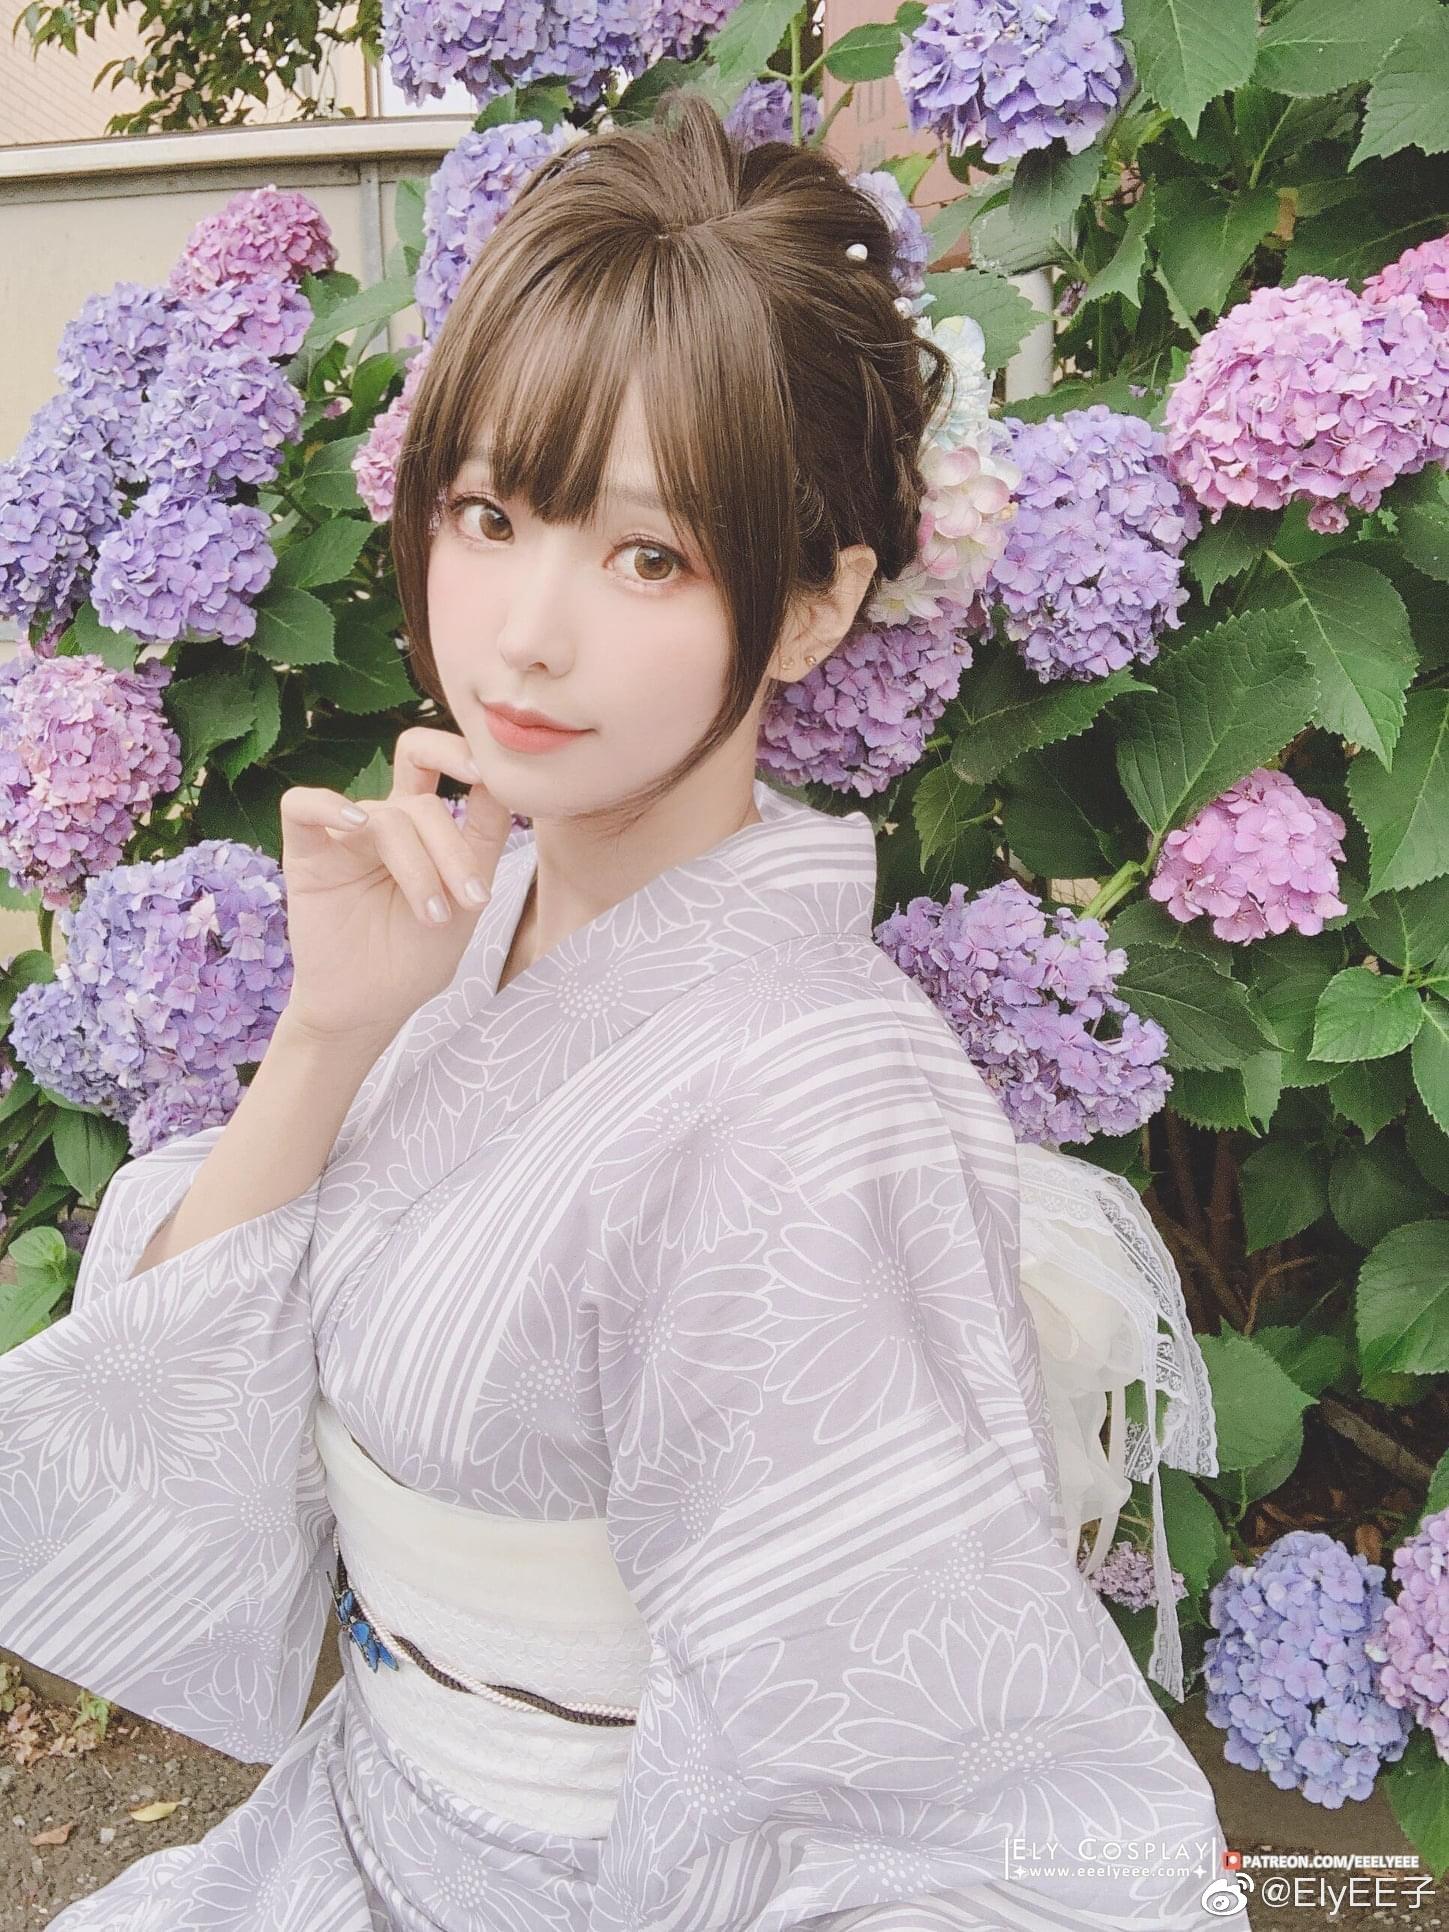 公主日记今年的紫陽花任務1/1✔️网页链接美女